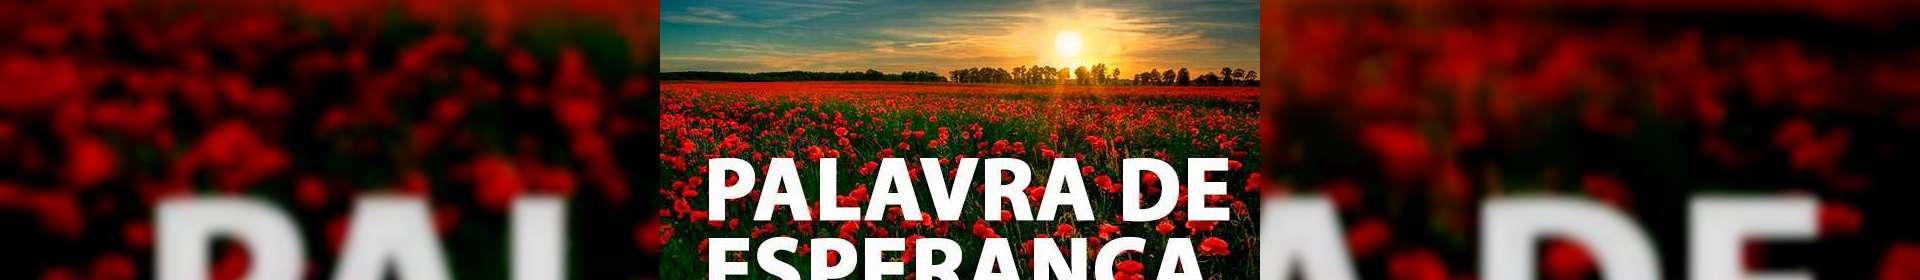 Jó 16:19 - Uma Palavra de Esperança para sua vida